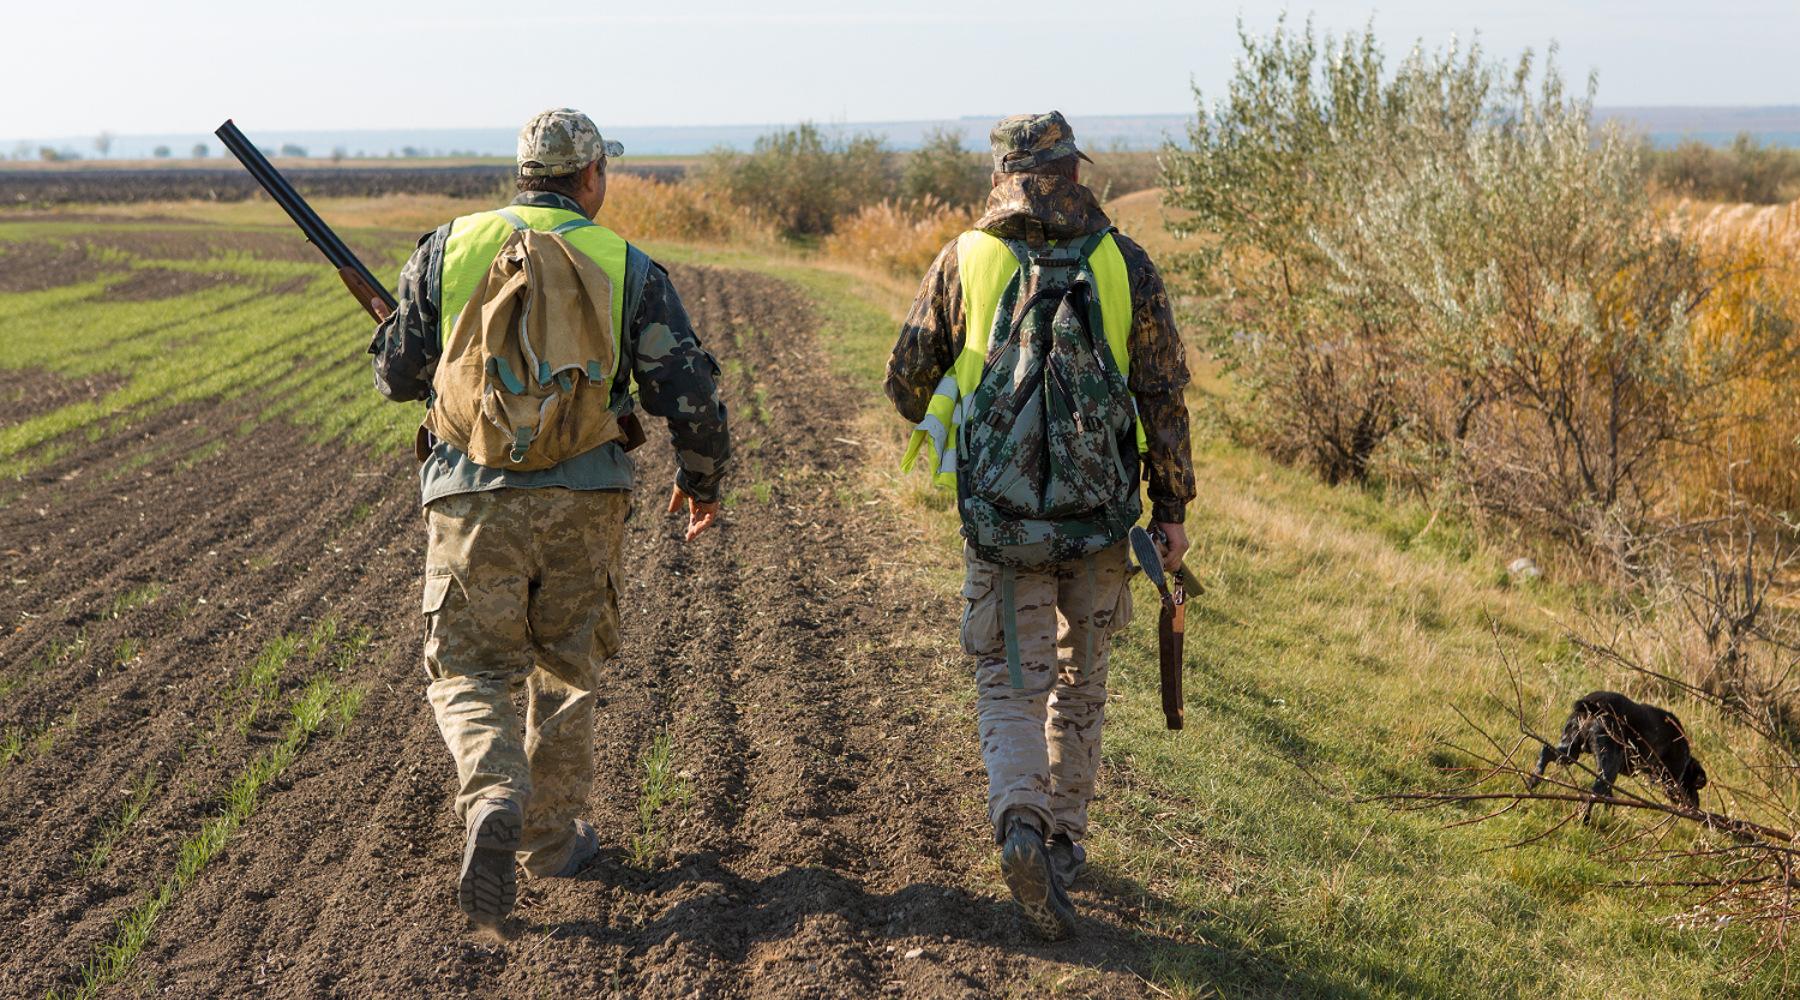 Le notizie di caccia della settimana: due cacciatori di spalle con cane da caccia